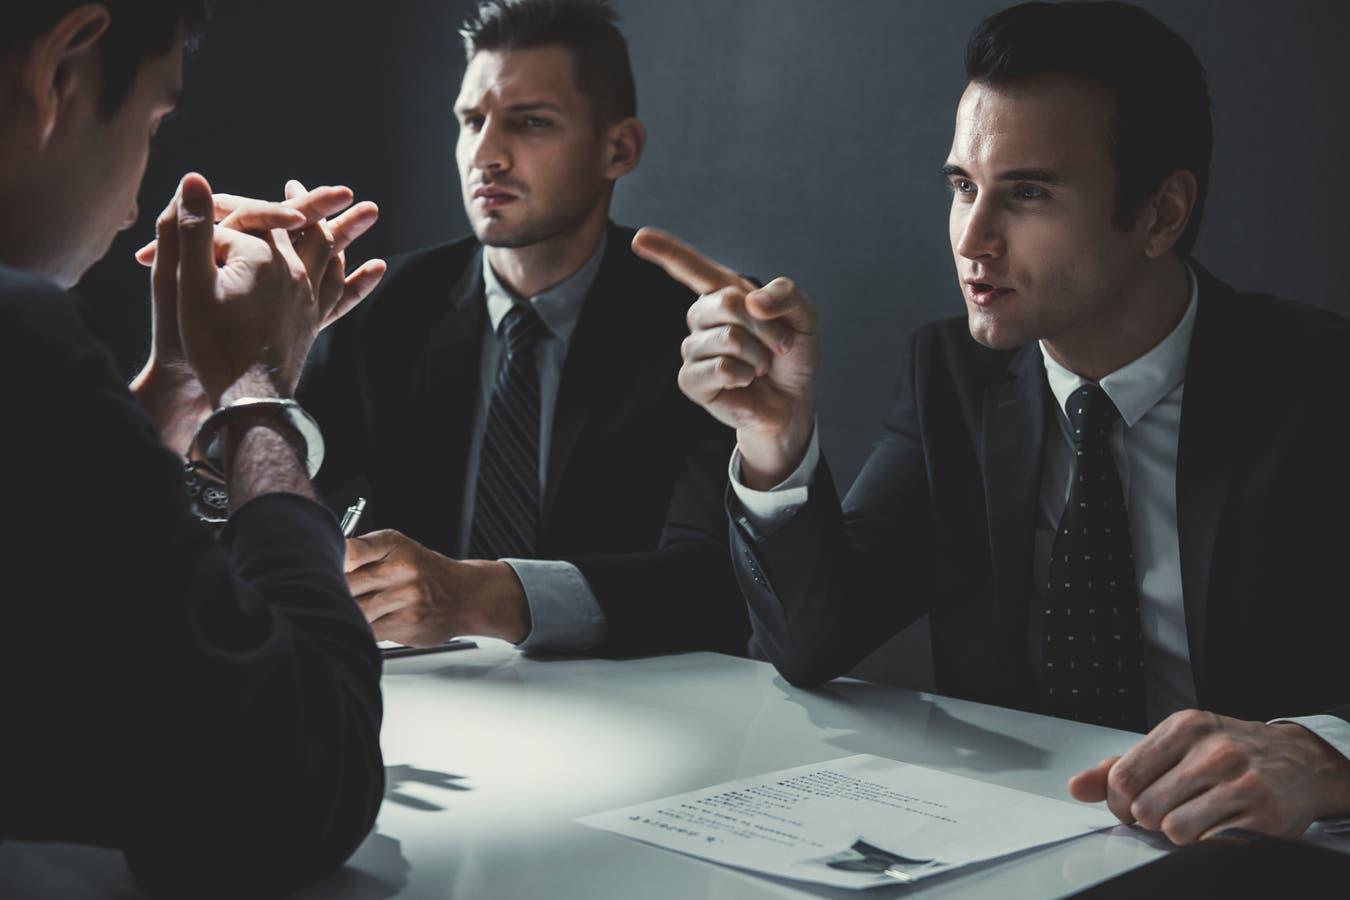 Conducción - Modelo para no imitar: Los problemas para comunicar o la falta de empatía son factores que terminan debilitando la autoridad de un jefe ante sus subordinados